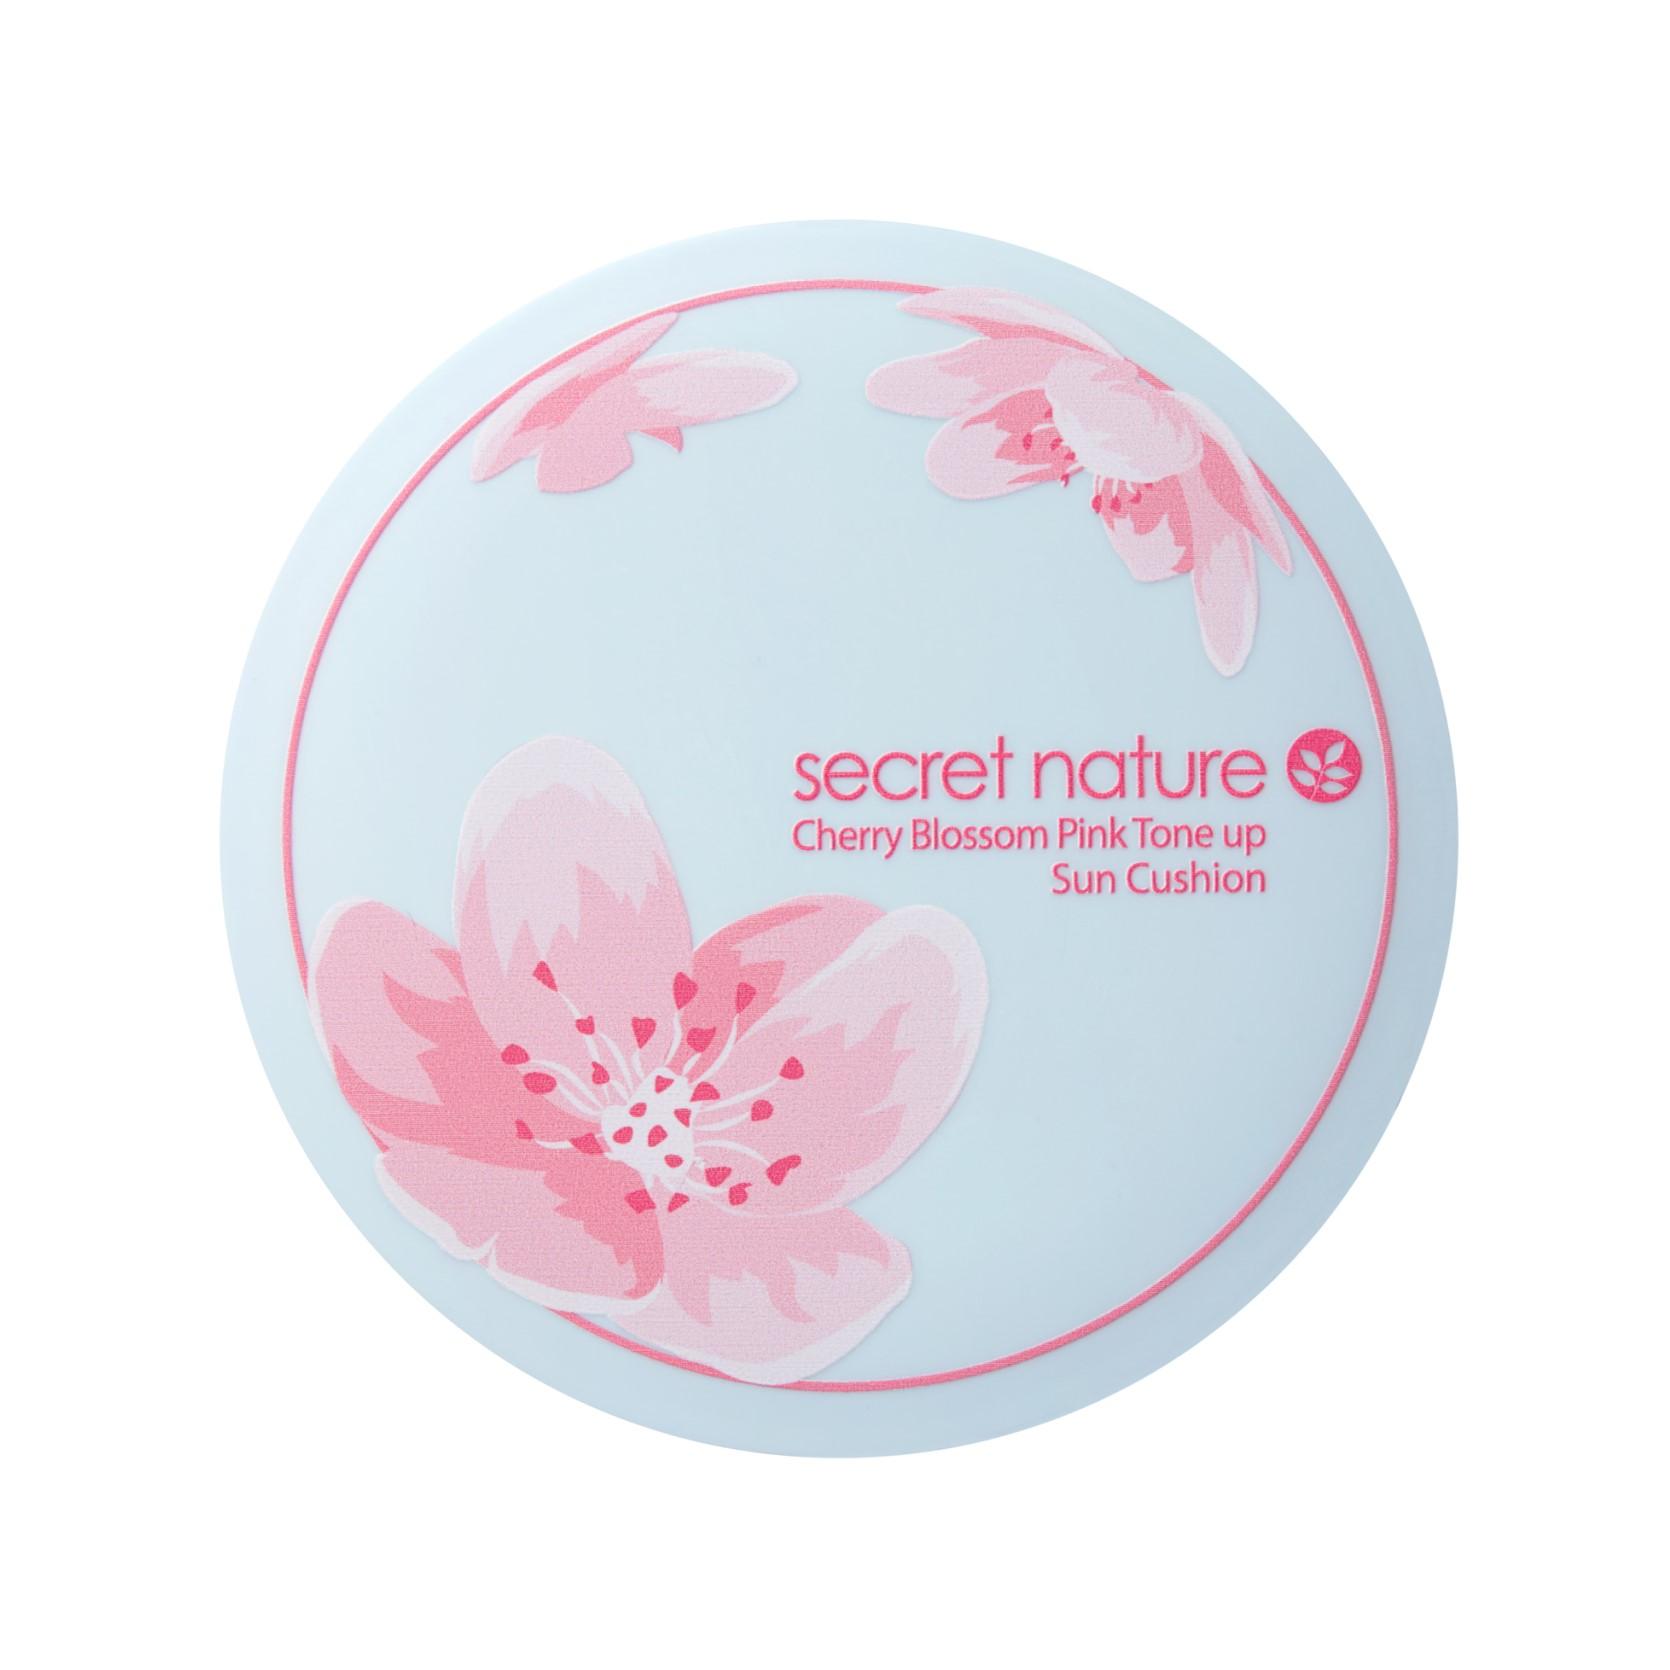 시크릿네이처 벚꽃 핑크 톤업 선쿠션 SPF50+ PA++++, 20g, 1개